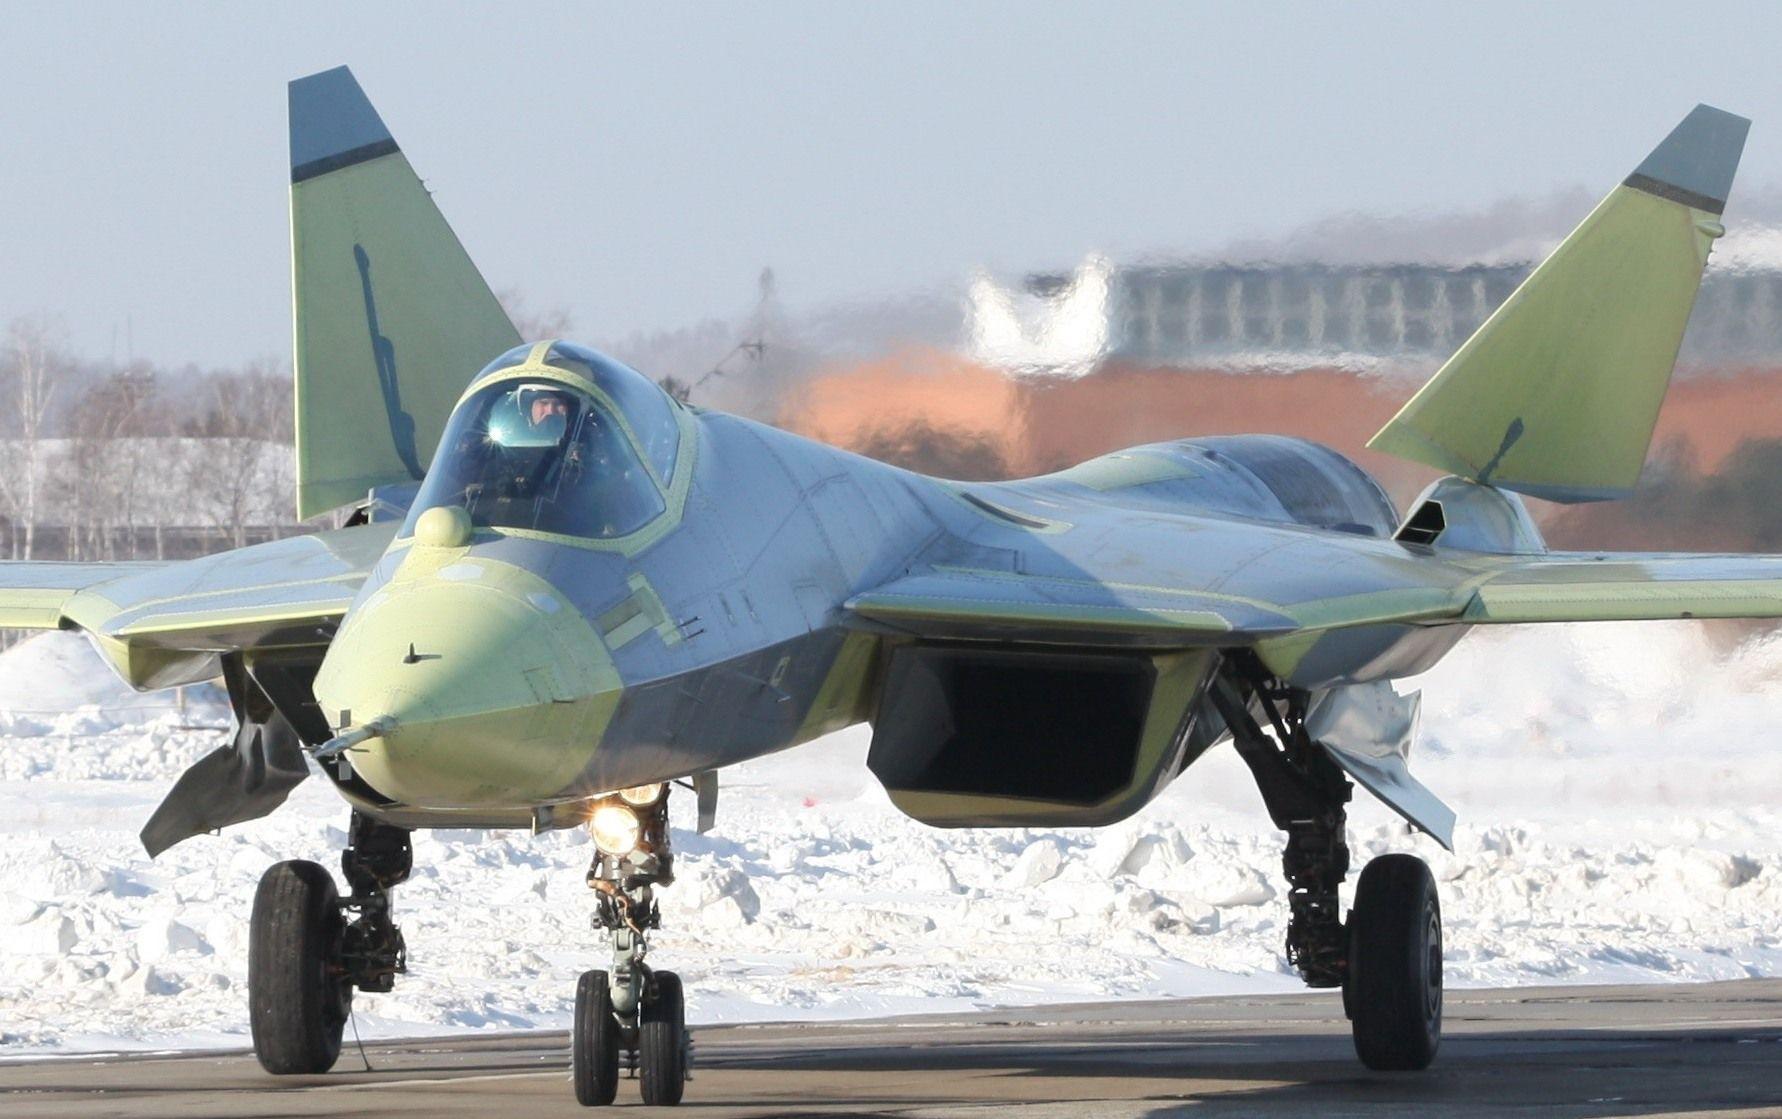 Скачать обои авиация истребитель российский многоцелевой пак фа т-50 sukhoi пятого поколения aviation fighter russian